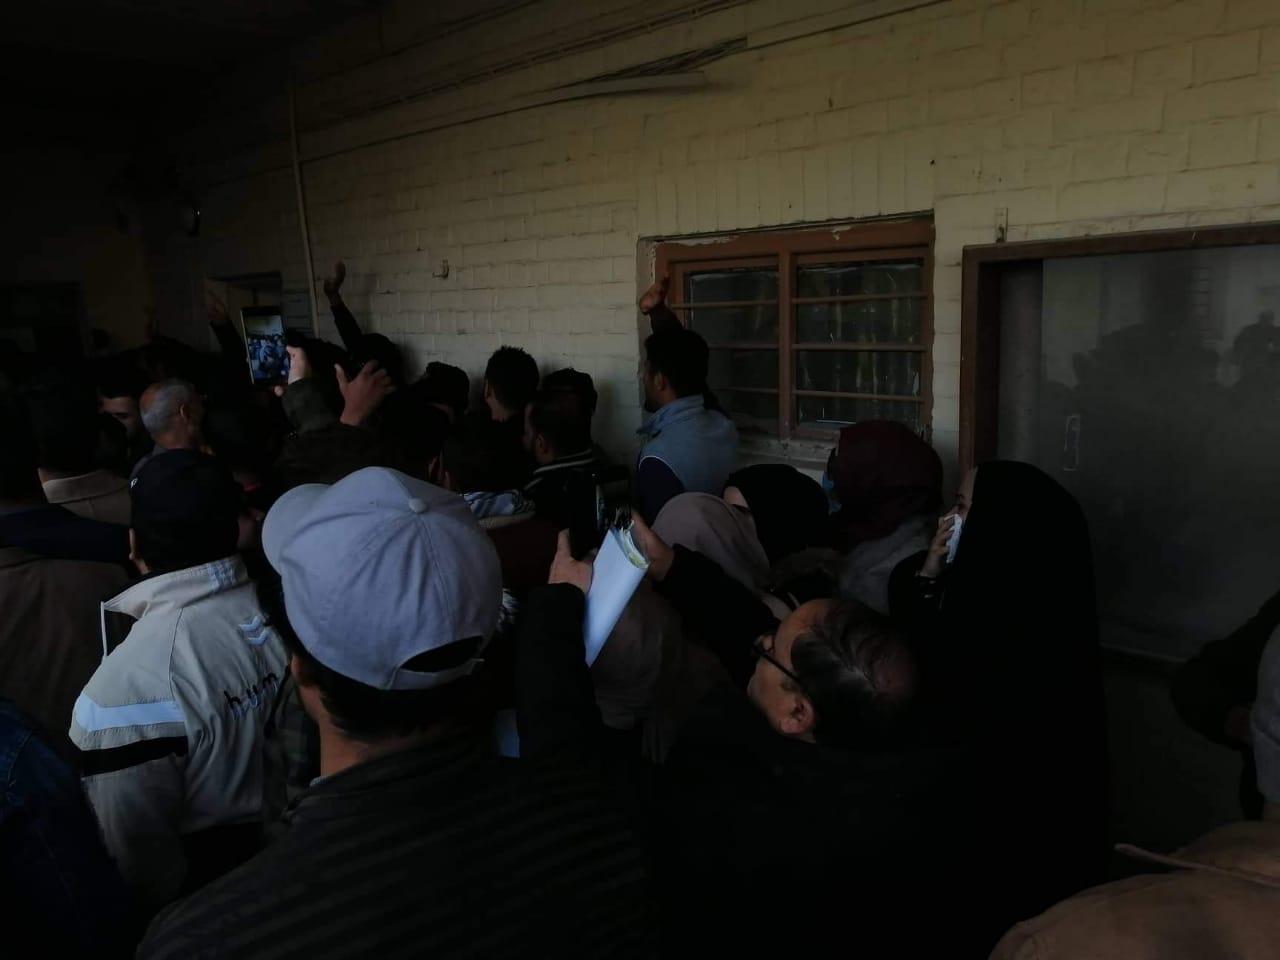 صور .. محتجون يقتحمون دائرة حكومية بمحافظة عراقية ويحاولون الوصول لمديرها